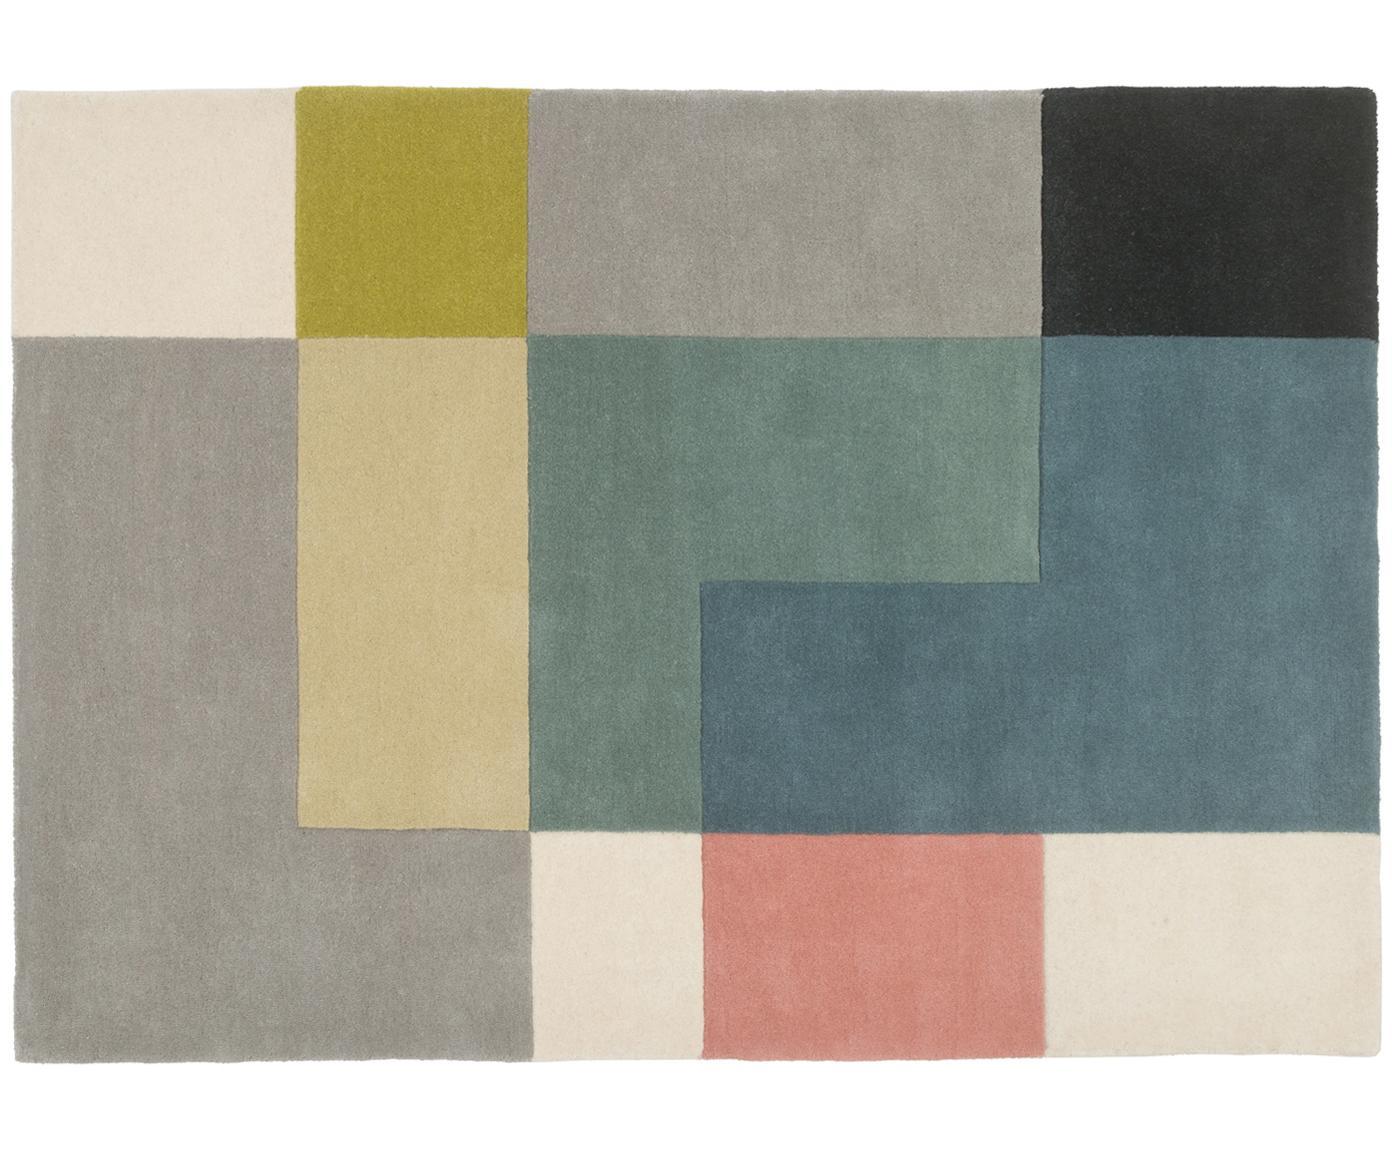 Designteppich Tetris aus Wolle, handgetuftet, Mehrfarbig, B 170 x L 240 cm (Grösse M)